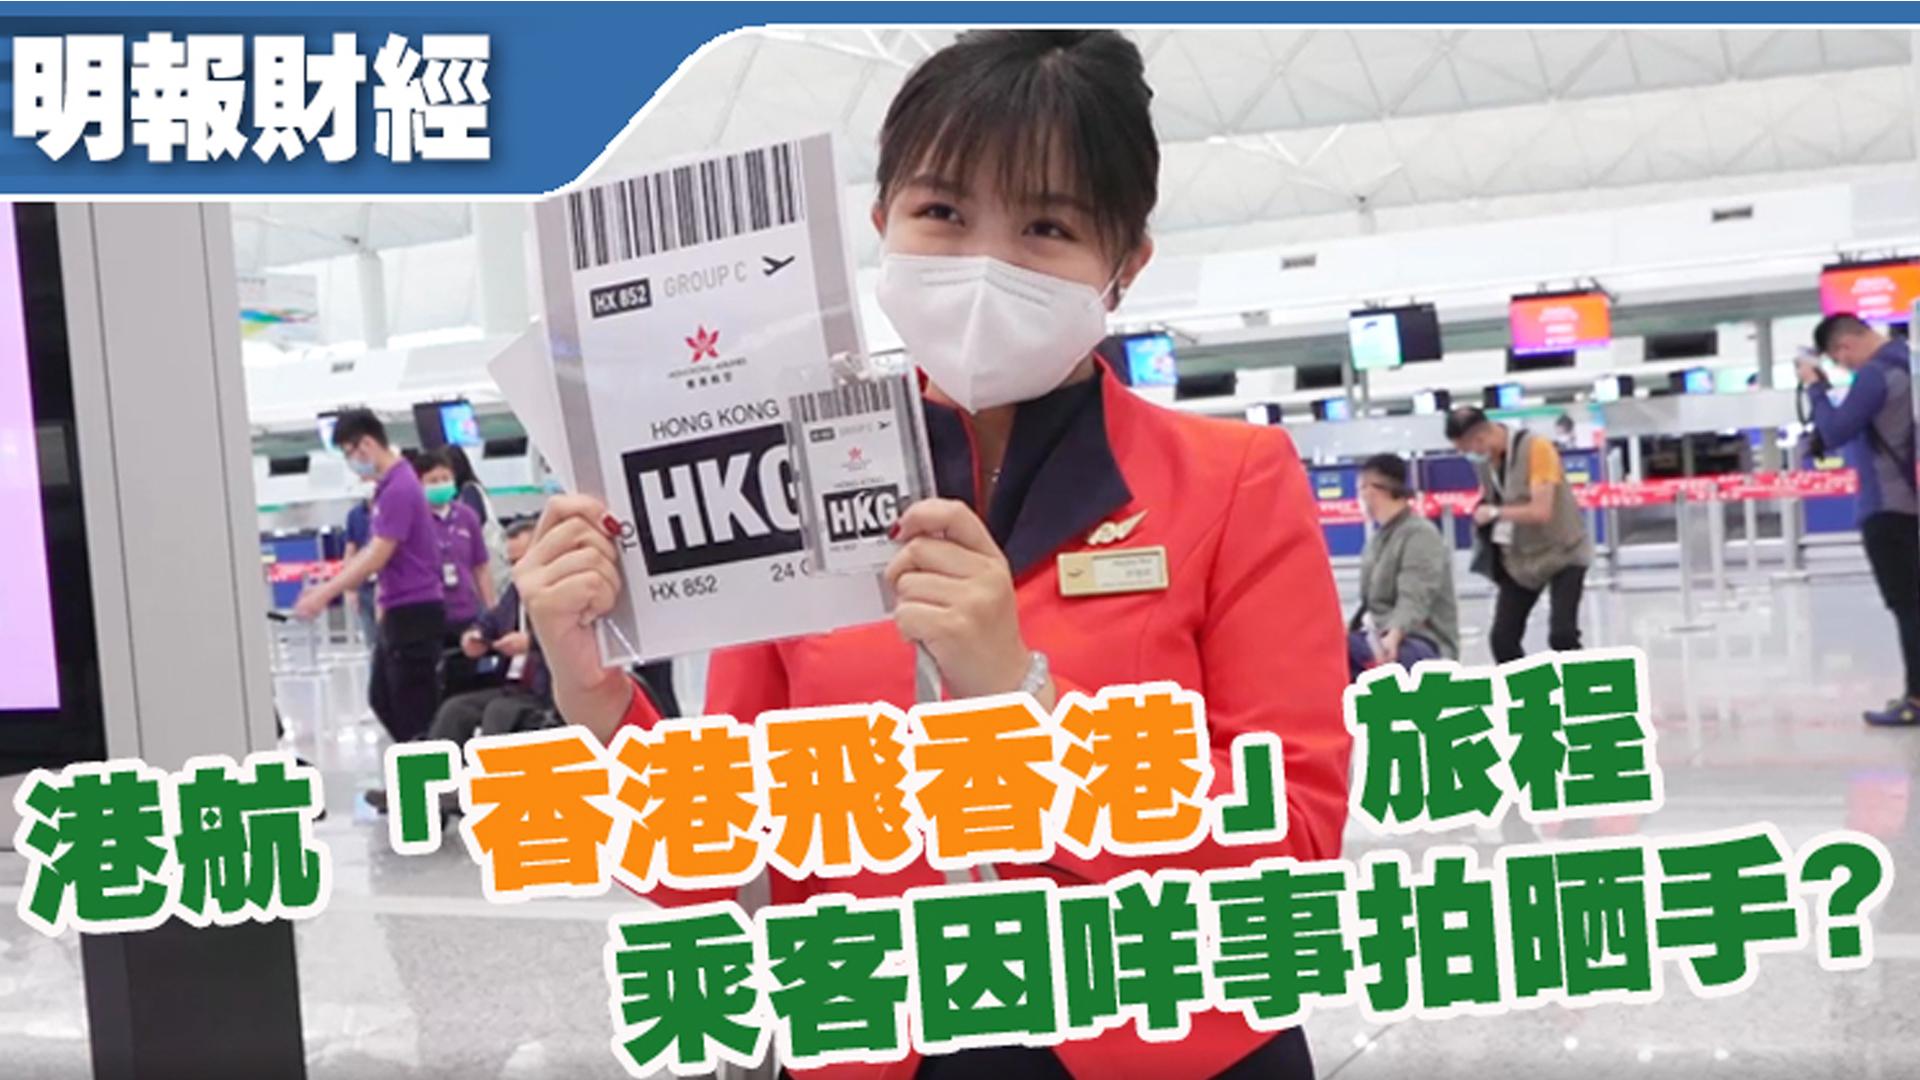 港航「香港飛香港」旅程 乘客咩事拍晒手?